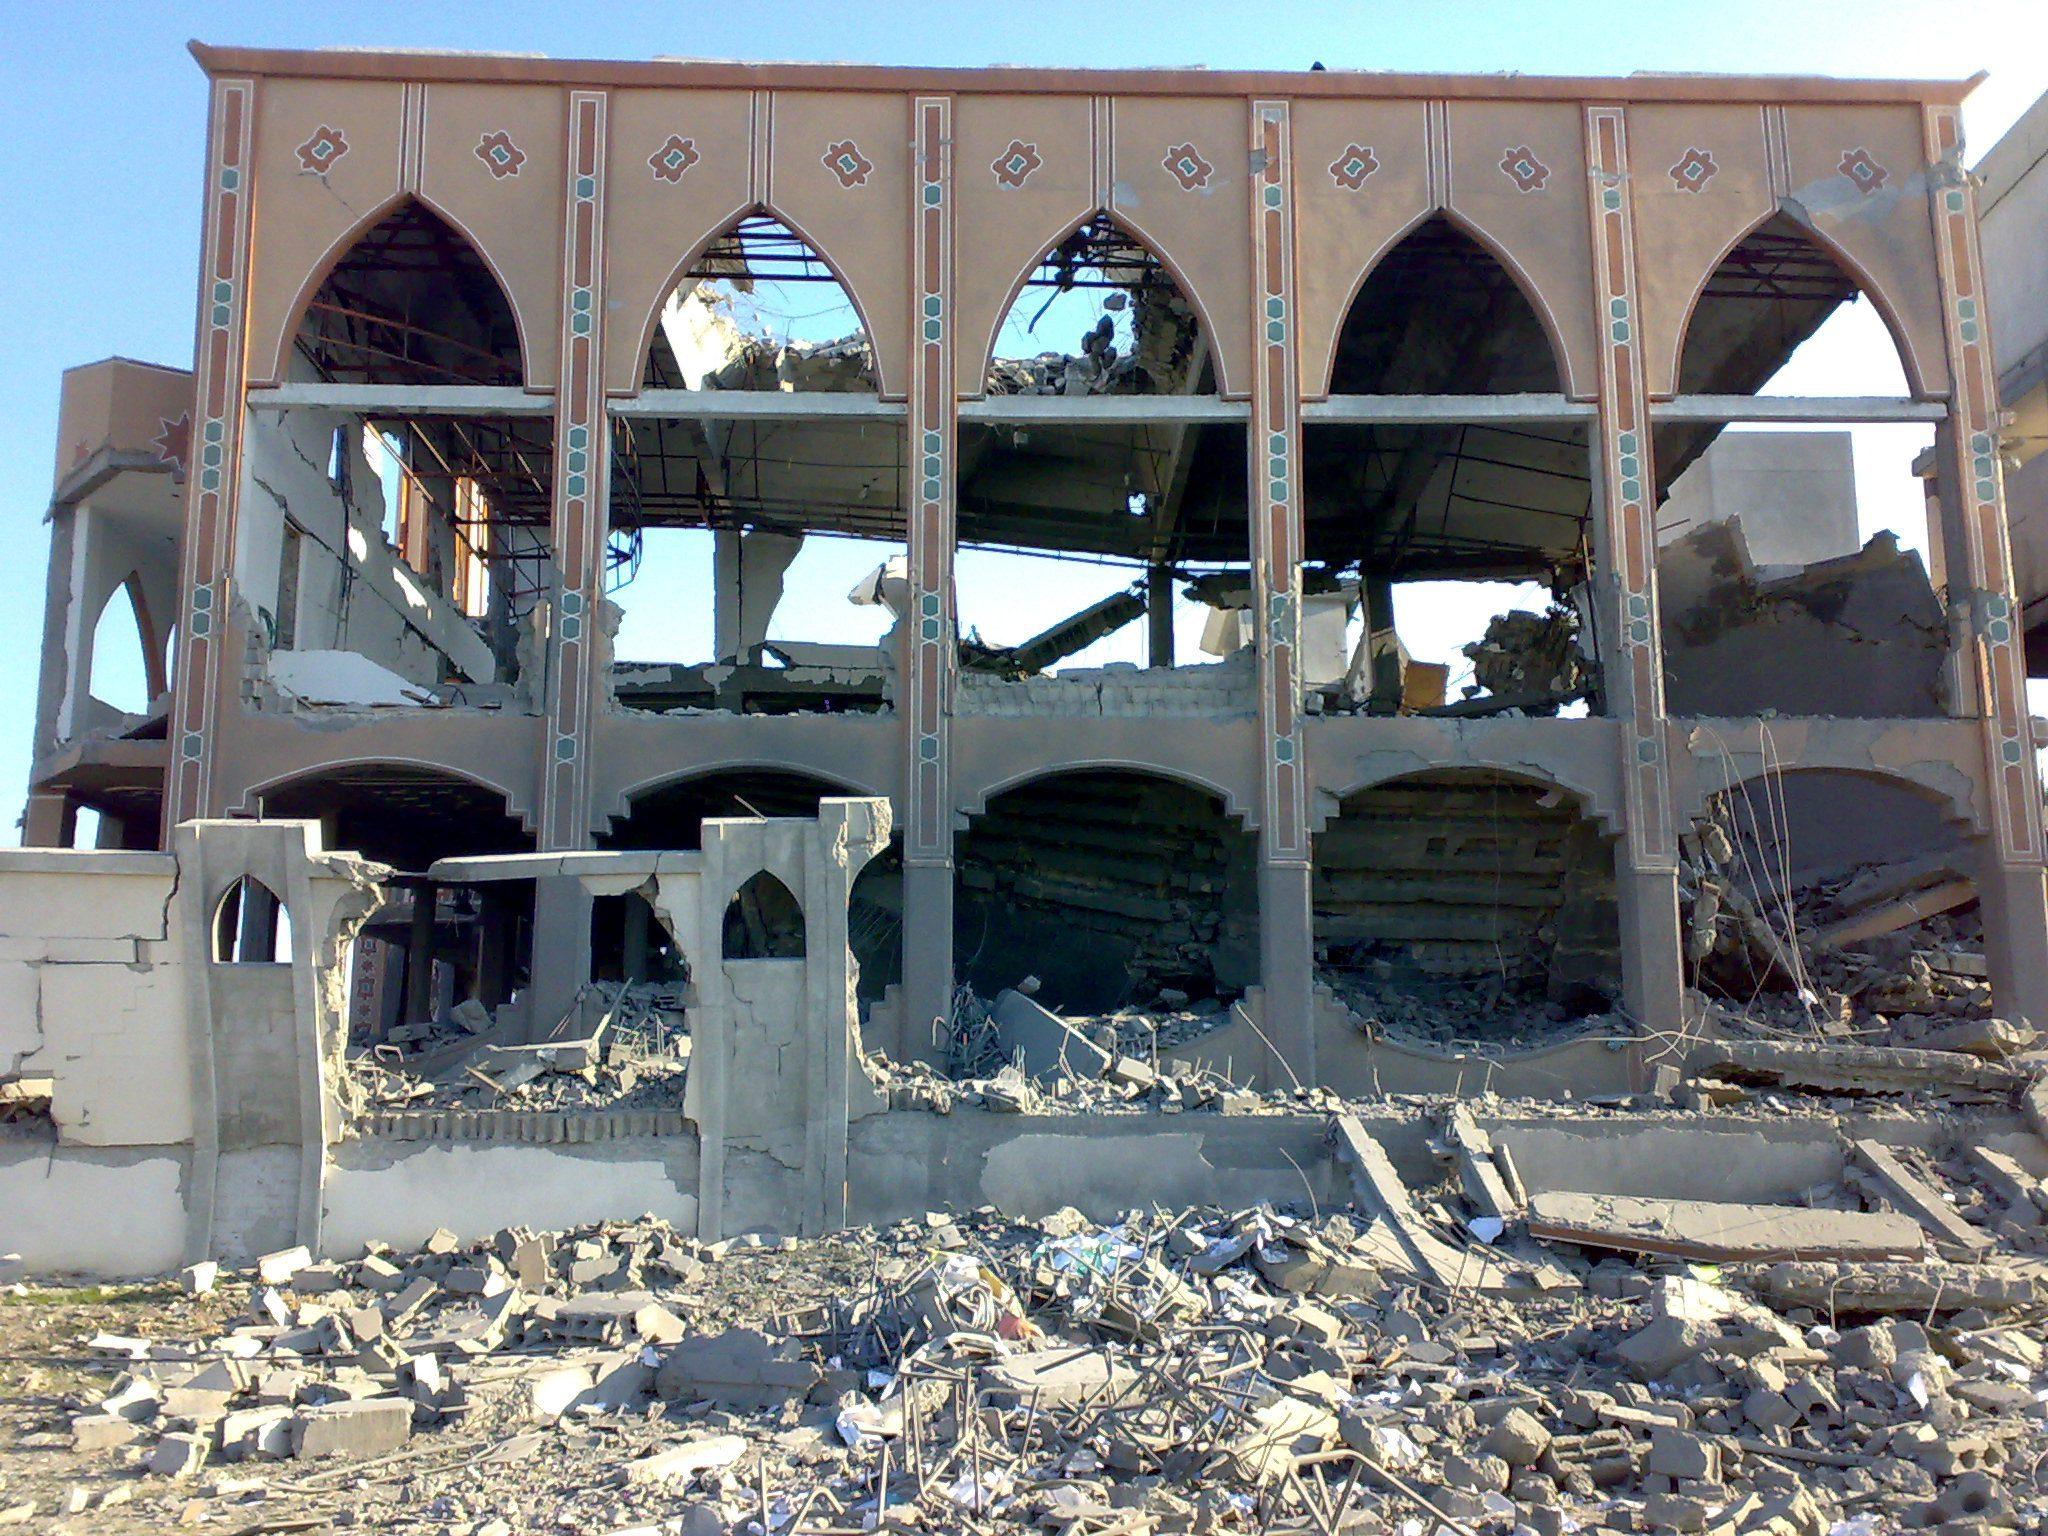 destroyed mosque 01 - <b>Ізраїль звинувачують у злочинах проти людяності та апартеїді.</b> Що сталося та чому країни поки не підтримують ці обвинувачення - Заборона